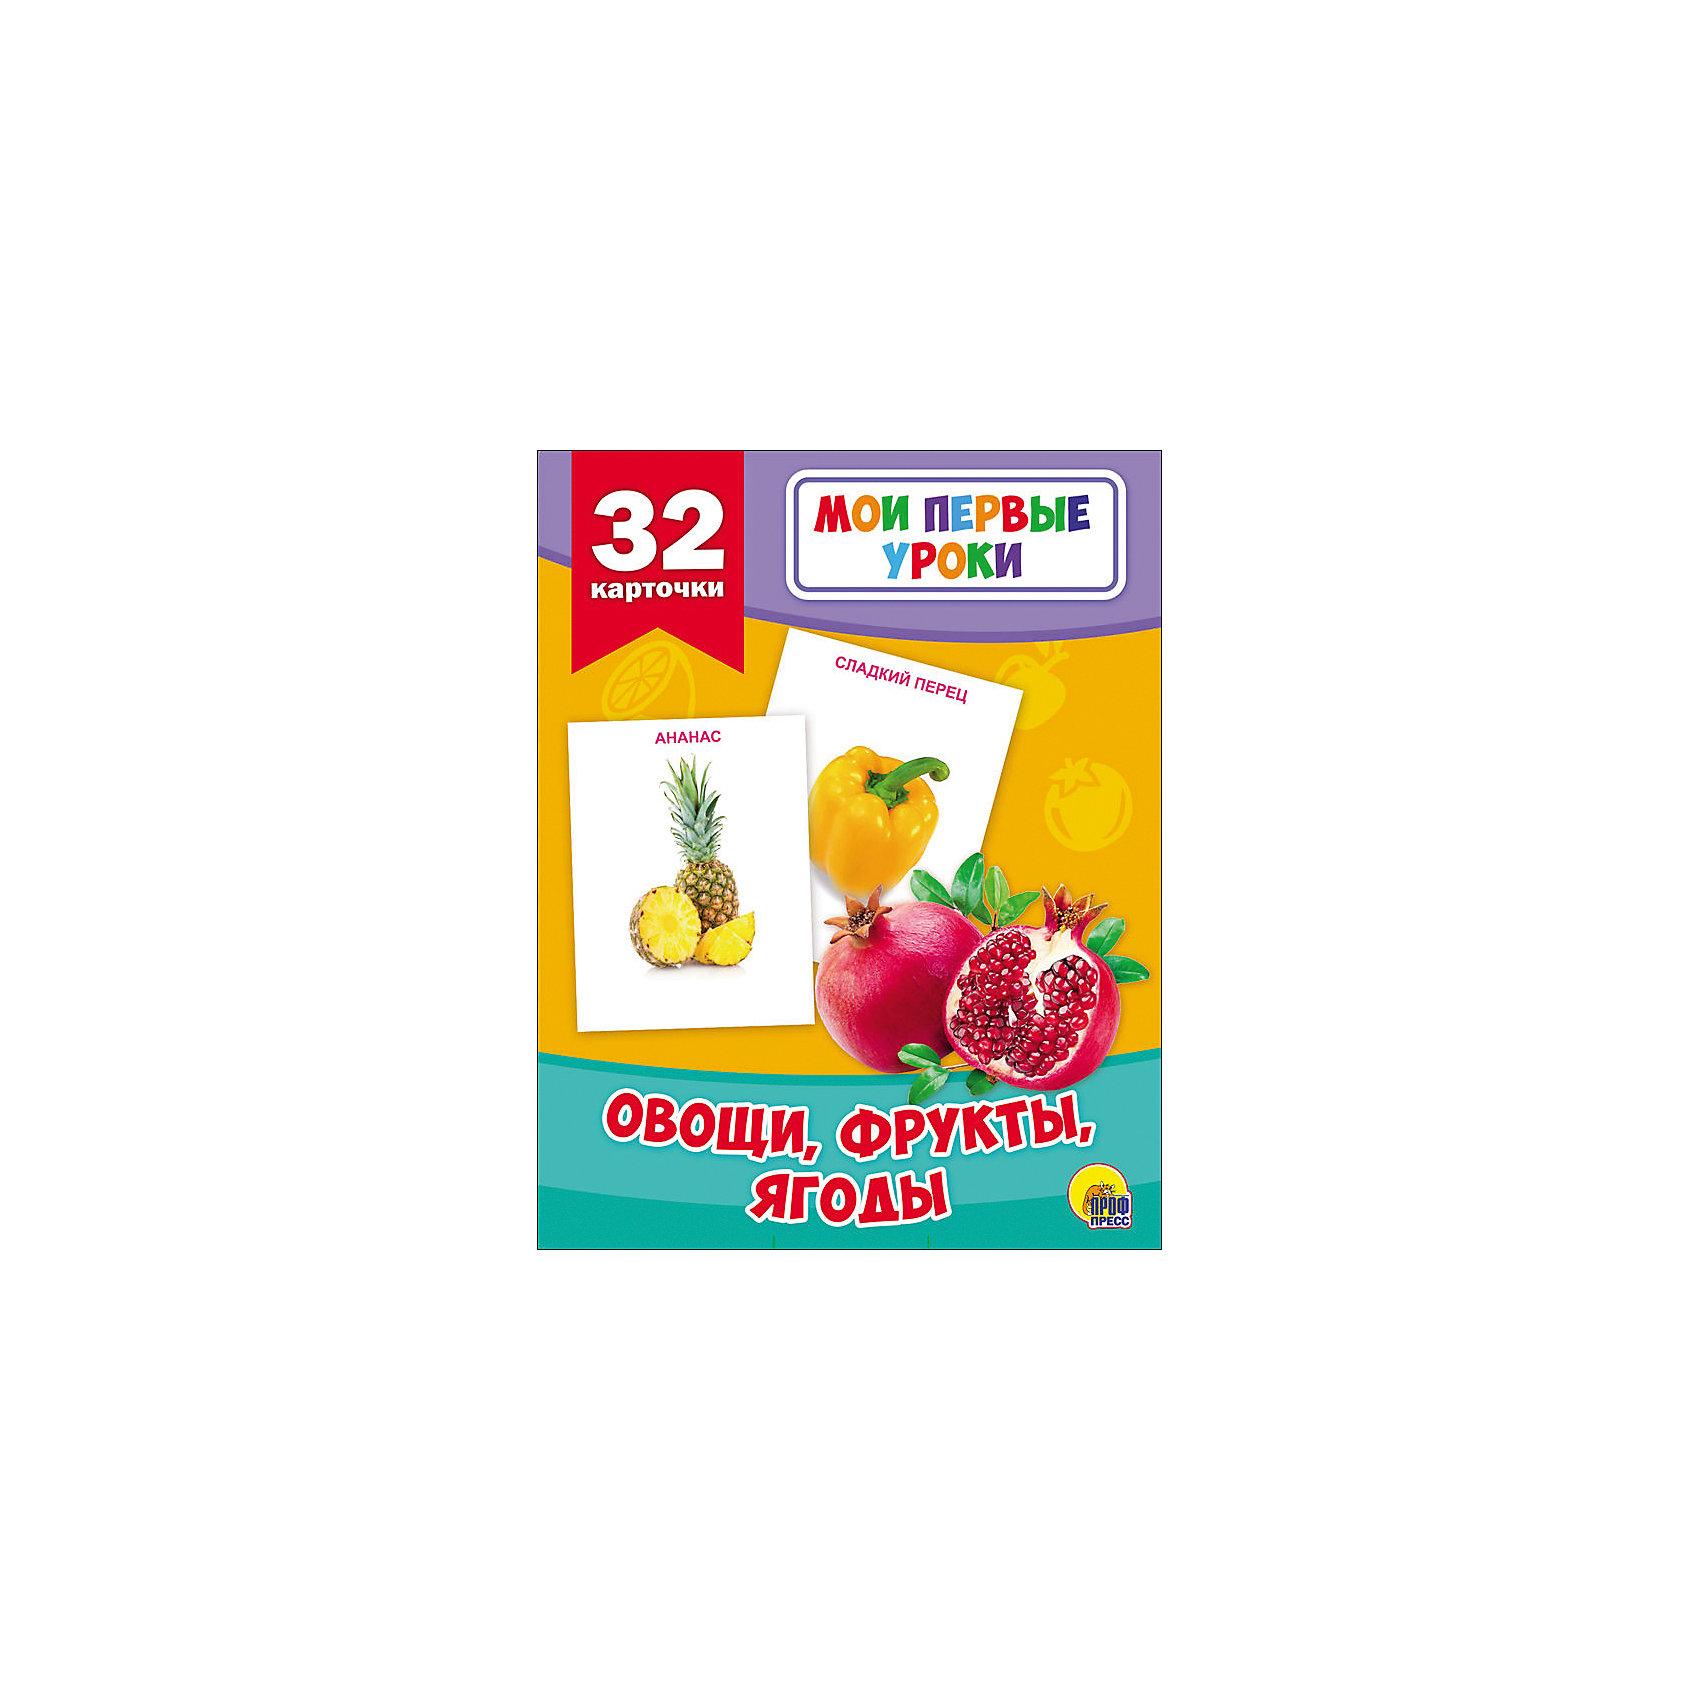 Развивающие карточки  Овощи, фрукты, ягодыОбучающие карточки<br>Развивающие карточки Овощи, фрукты, ягоды.<br><br>Характеристики:<br><br>• Редактор: Грищенко Виктория<br>• Издательство: Проф-Пресс, 2016 г.<br>• Серия: Мои первые уроки<br>• Иллюстрации: цветные<br>• Количество карточек: 32 (картон)<br>• Упаковка: картонный блистер с европодвесом<br>• Размер упаковки: 184х114х18 мм.<br>• Вес: 138 гр.<br>• ISBN: 9785378268757<br><br>Развивающие карточки серии Мои первые уроки познакомят ребёнка с интересными фактами об овощах, фруктах и ягодах. Яркие фотографии помогут улучшить восприятие информации. Самое главное, что эти уроки будут проходить в отвлечённой игровой форме. Для детей дошкольного возраста.<br><br>Развивающие карточки Овощи, фрукты, ягоды можно купить в нашем интернет-магазине.<br><br>Ширина мм: 185<br>Глубина мм: 117<br>Высота мм: 114<br>Вес г: 0<br>Возраст от месяцев: 36<br>Возраст до месяцев: 2147483647<br>Пол: Унисекс<br>Возраст: Детский<br>SKU: 5452300